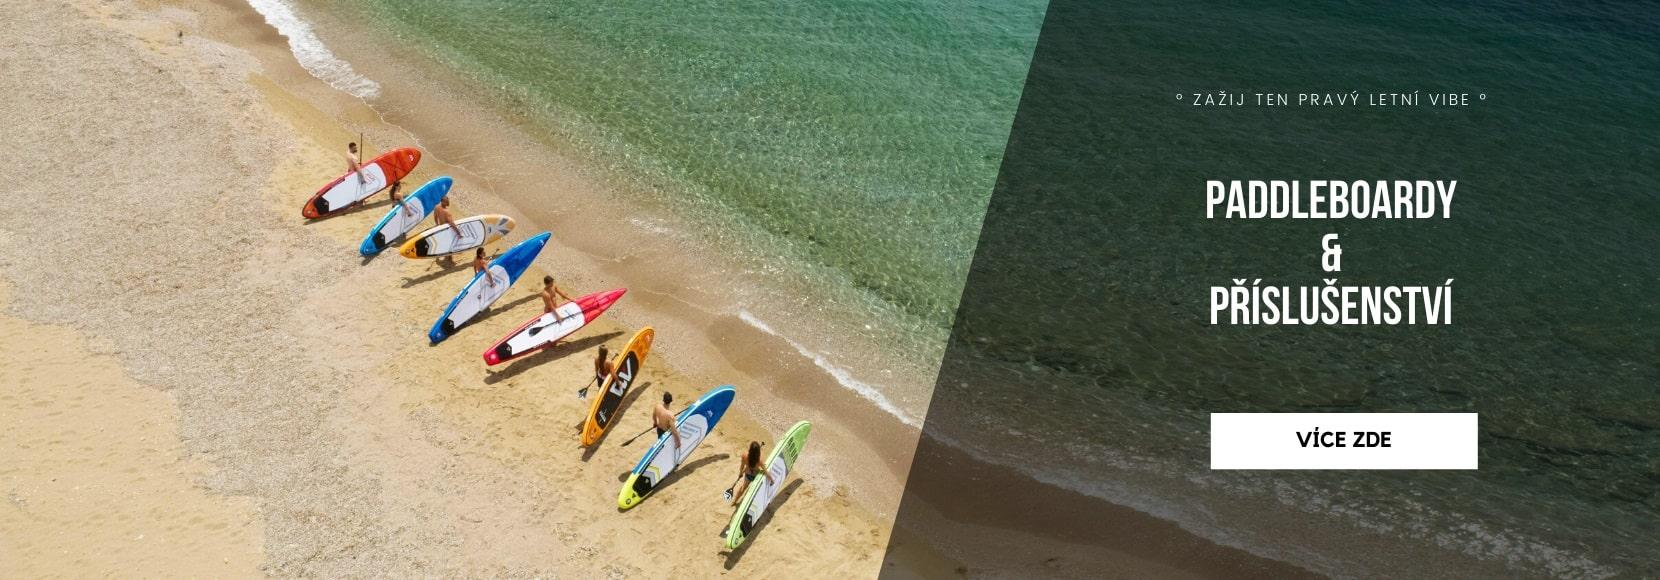 Zažij ten pravý letní vibe s paddleboardem